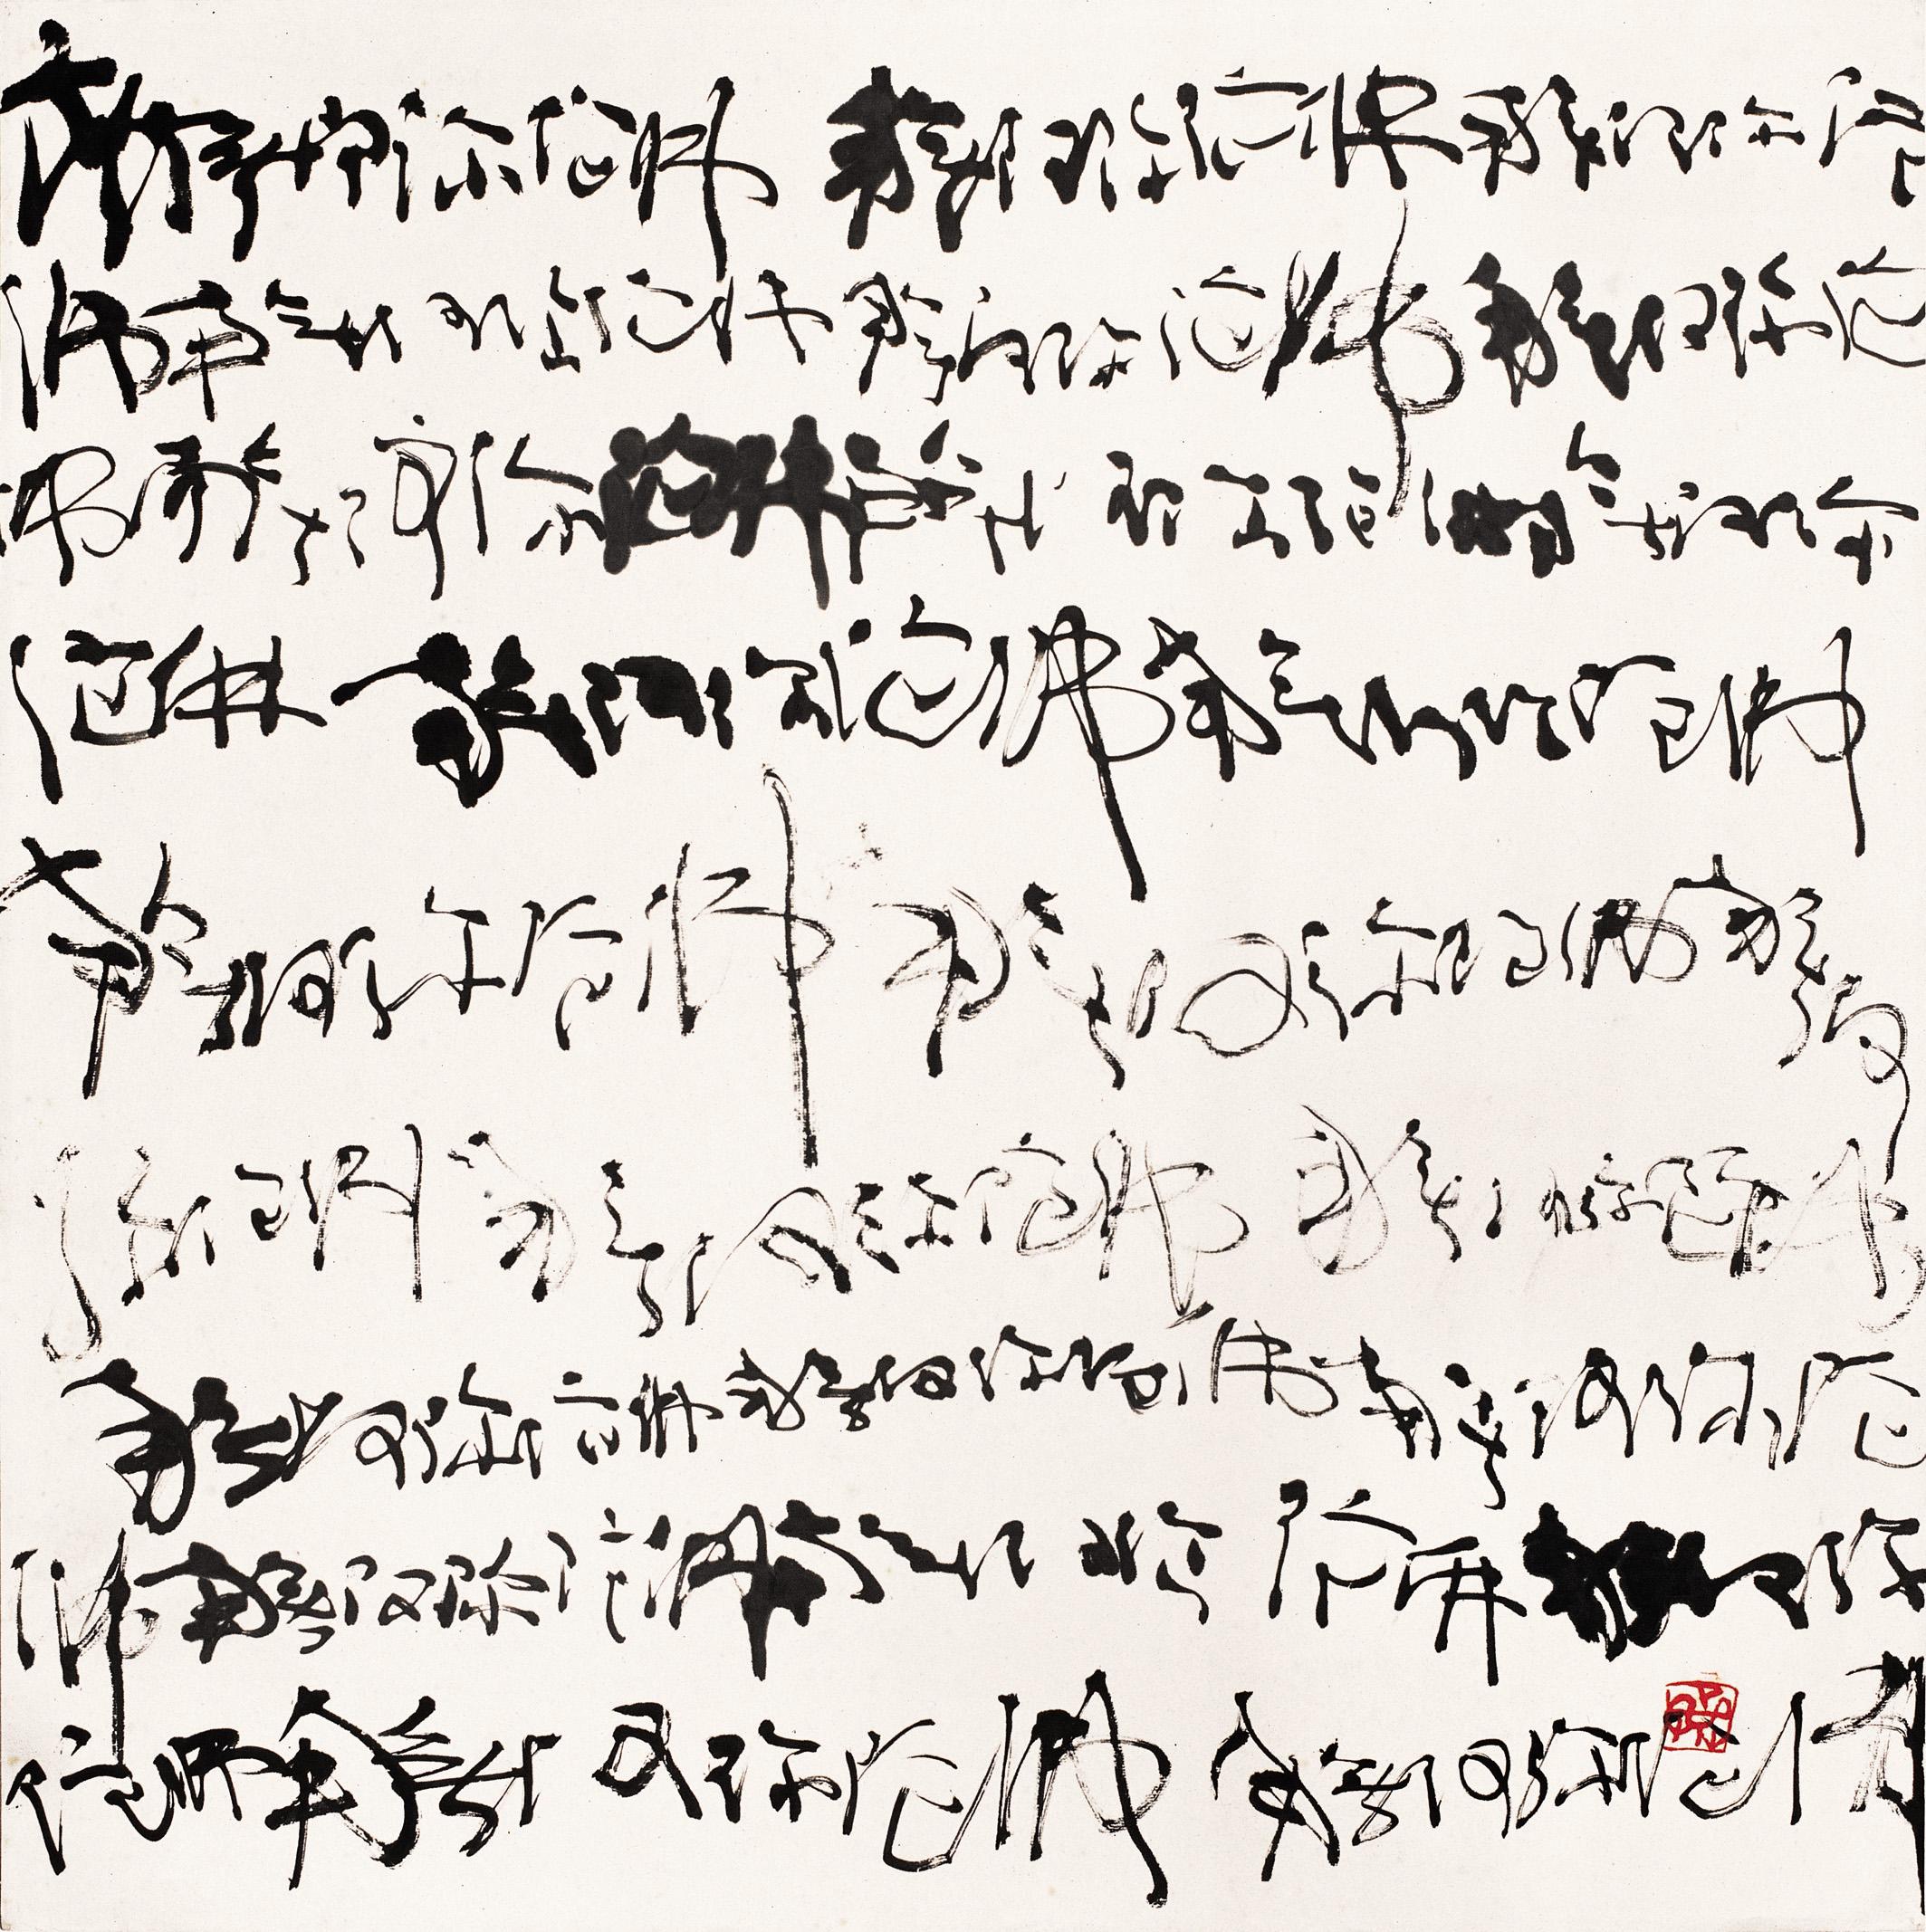 南无阿弥陀佛 邱振中 1988年 纸本水墨 68×68cm